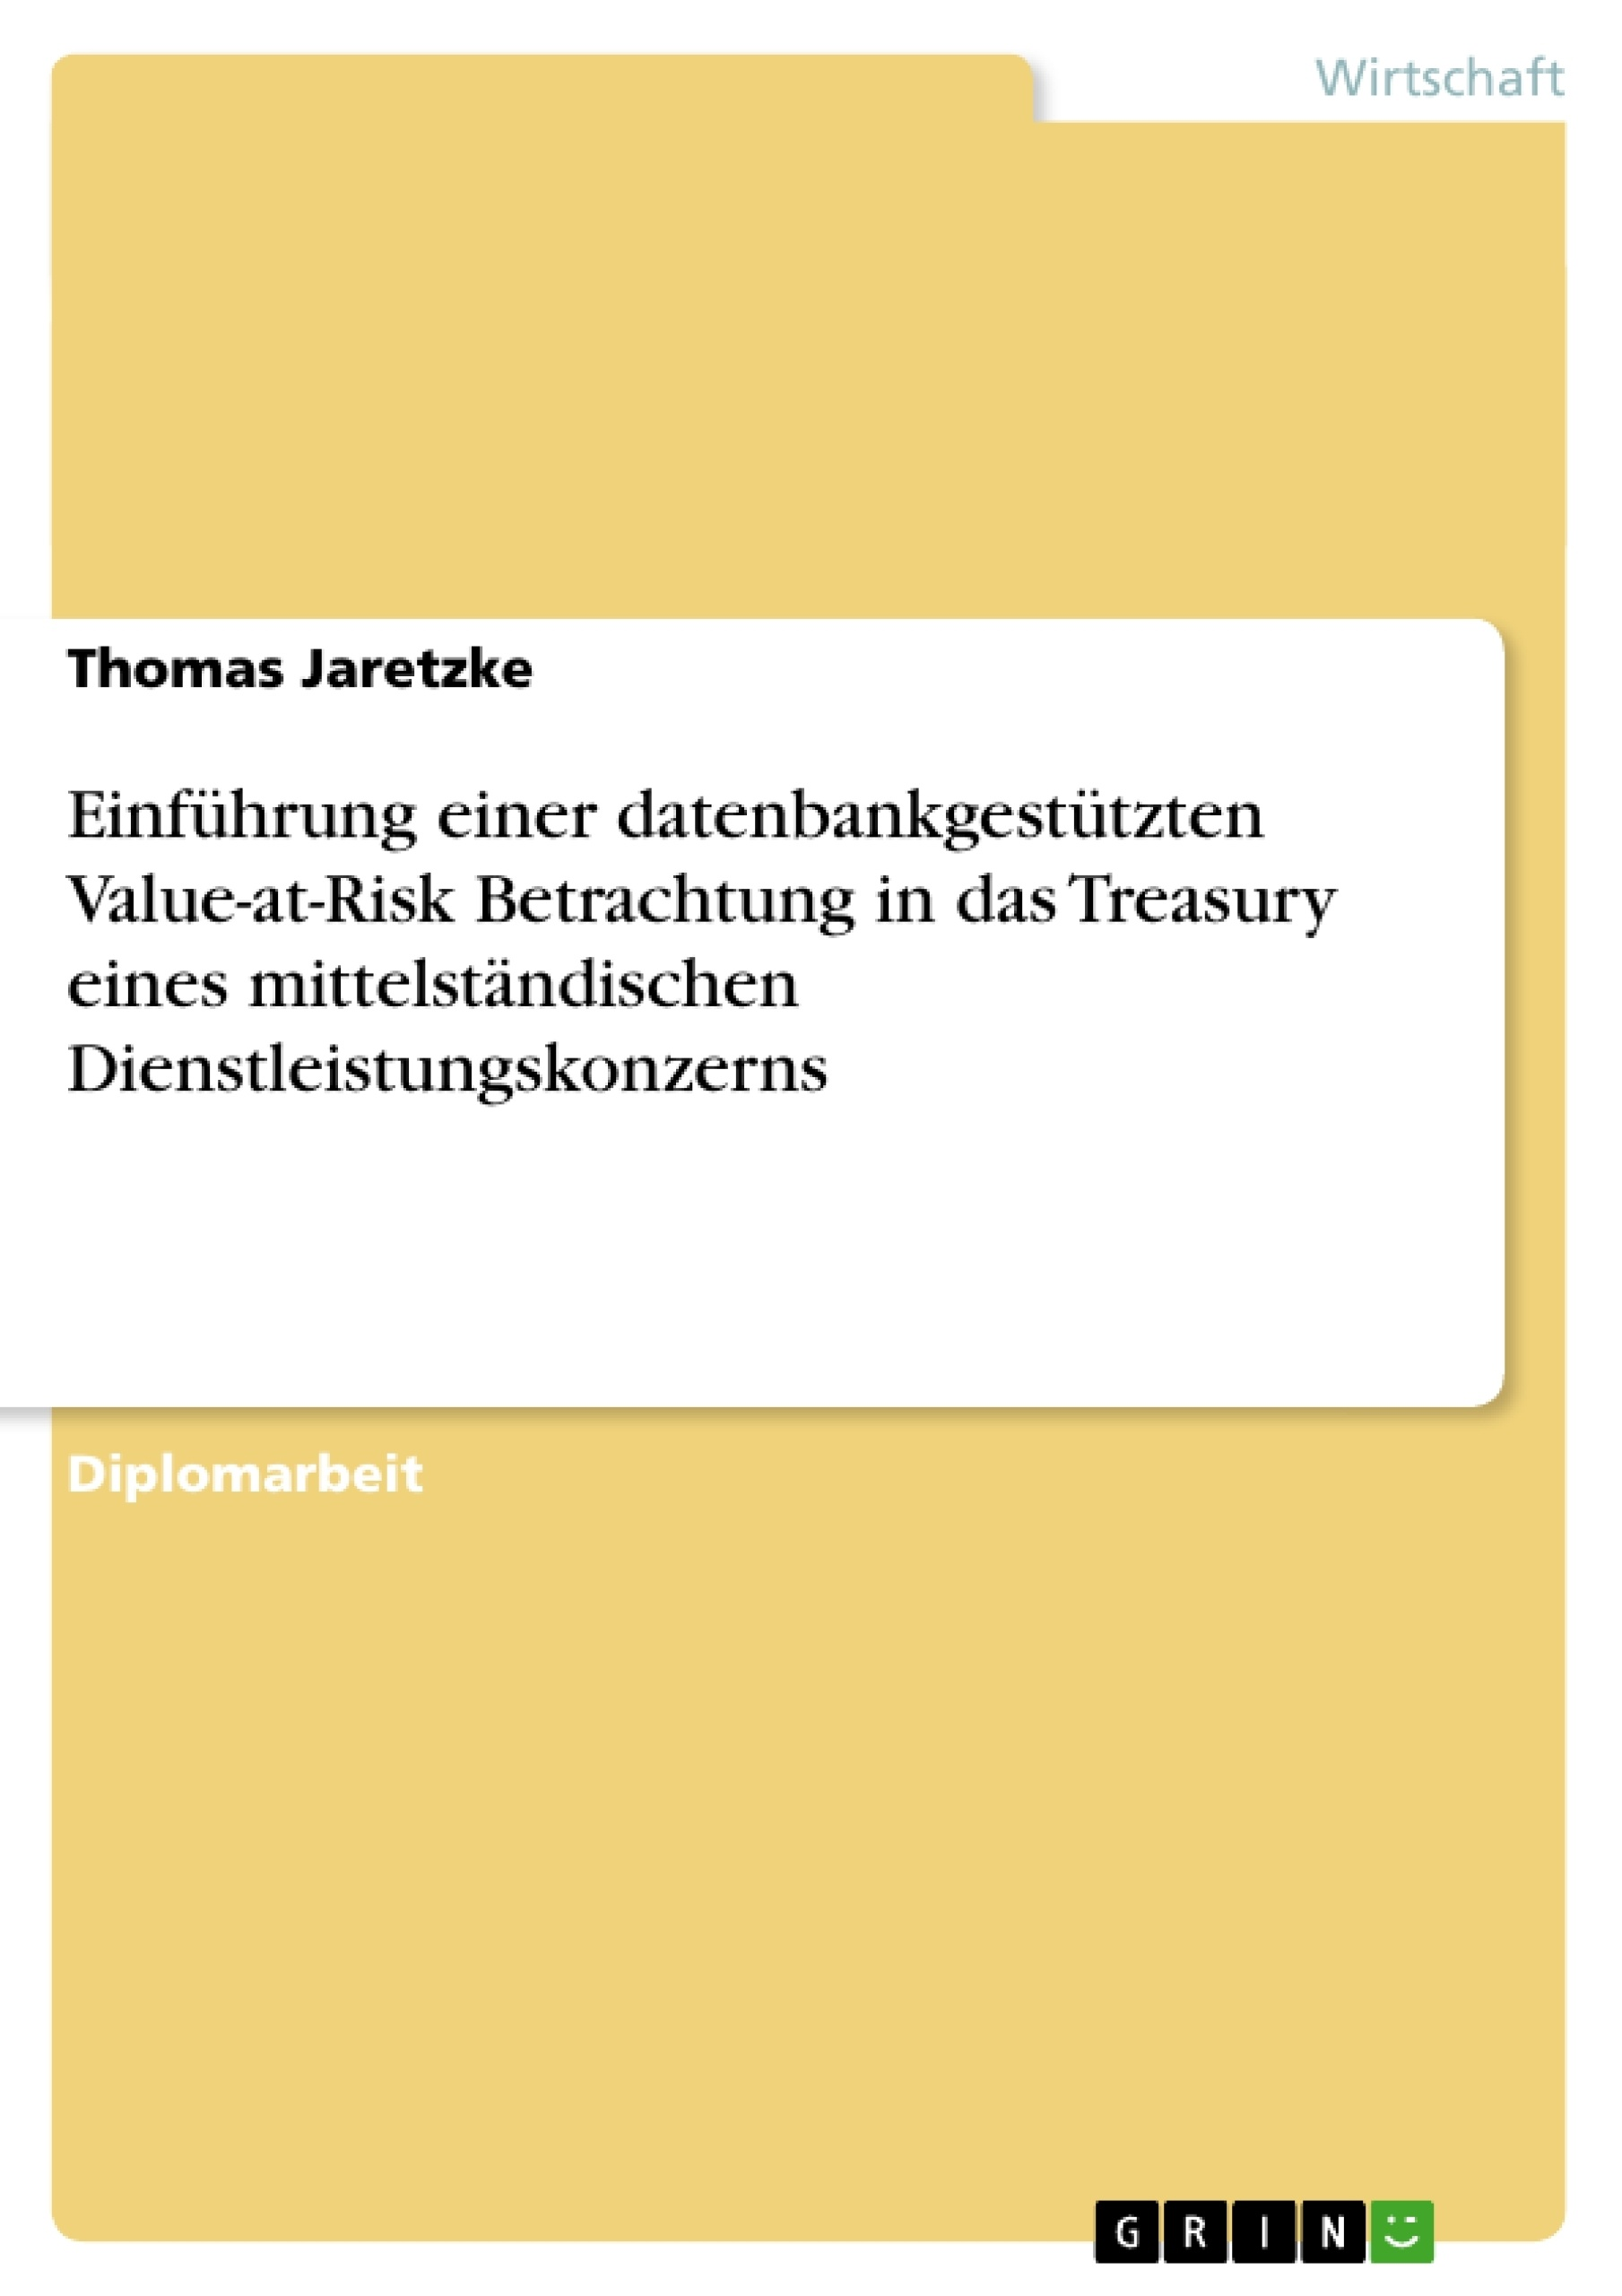 Titel: Einführung einer datenbankgestützten Value-at-Risk Betrachtung in das Treasury eines mittelständischen Dienstleistungskonzerns